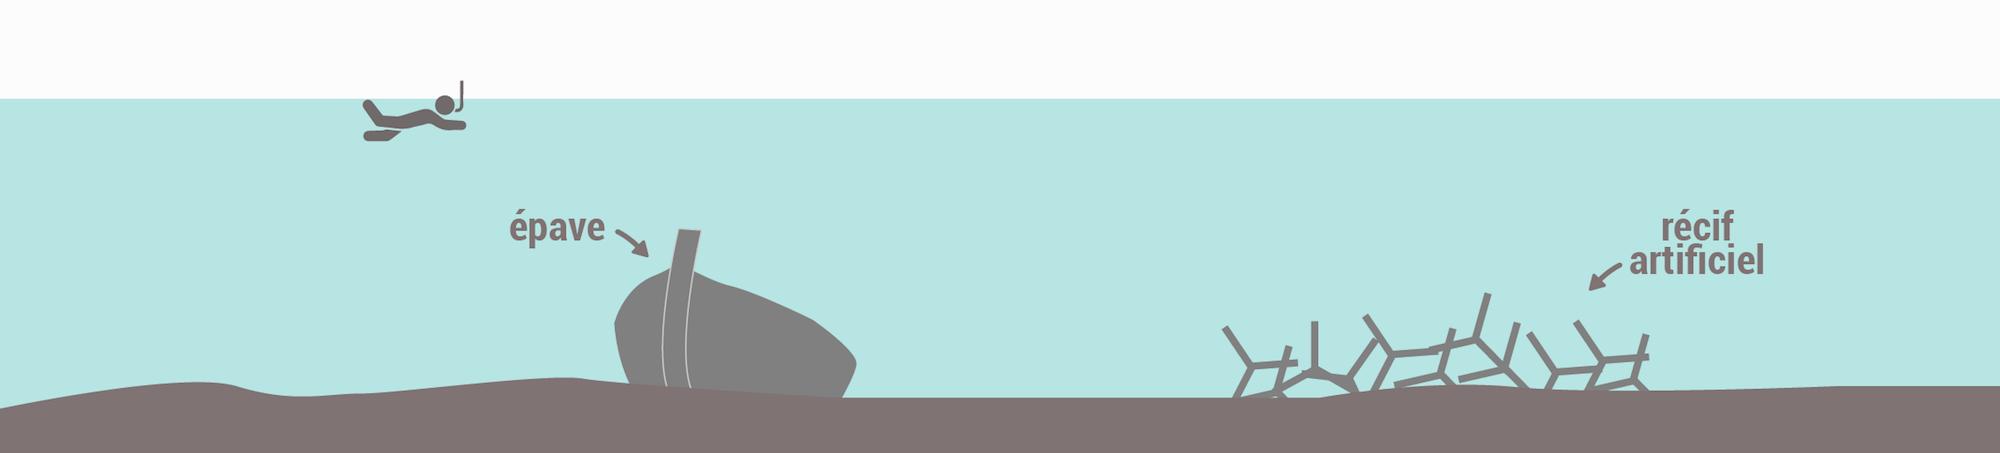 Les types de spots de snorkeling - Epaves et récifs artificiels